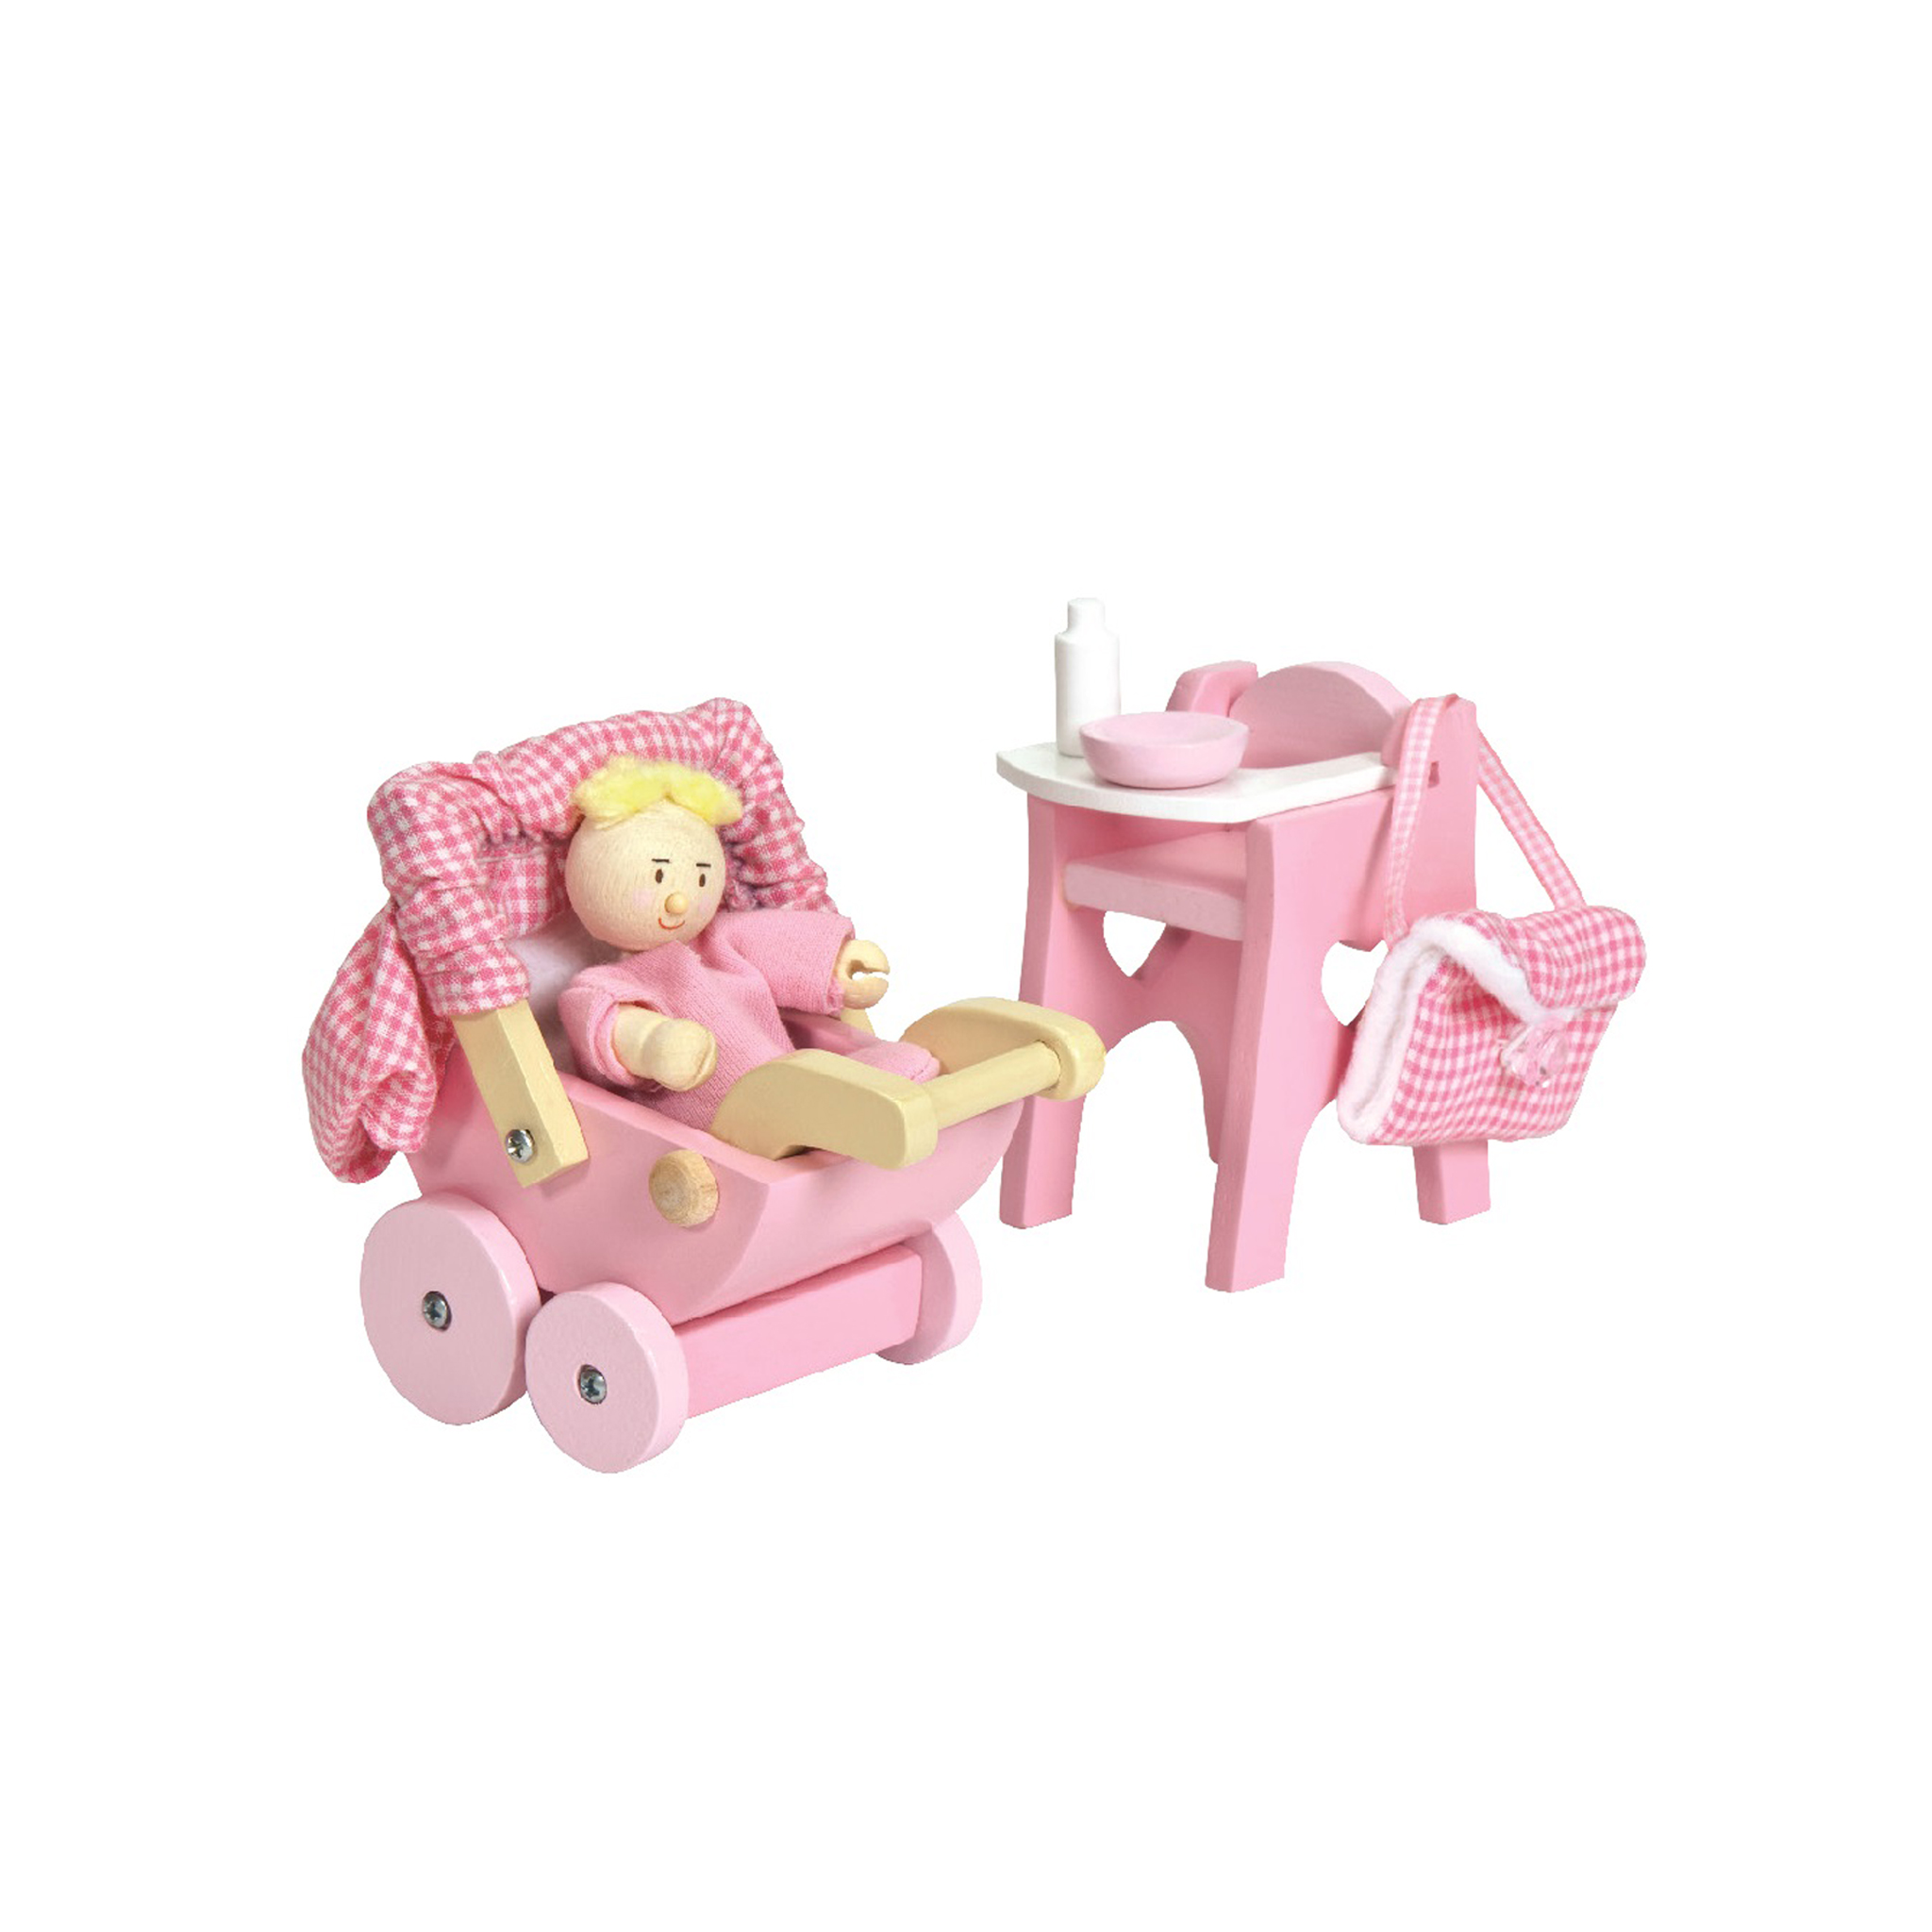 Doll Nursery Set